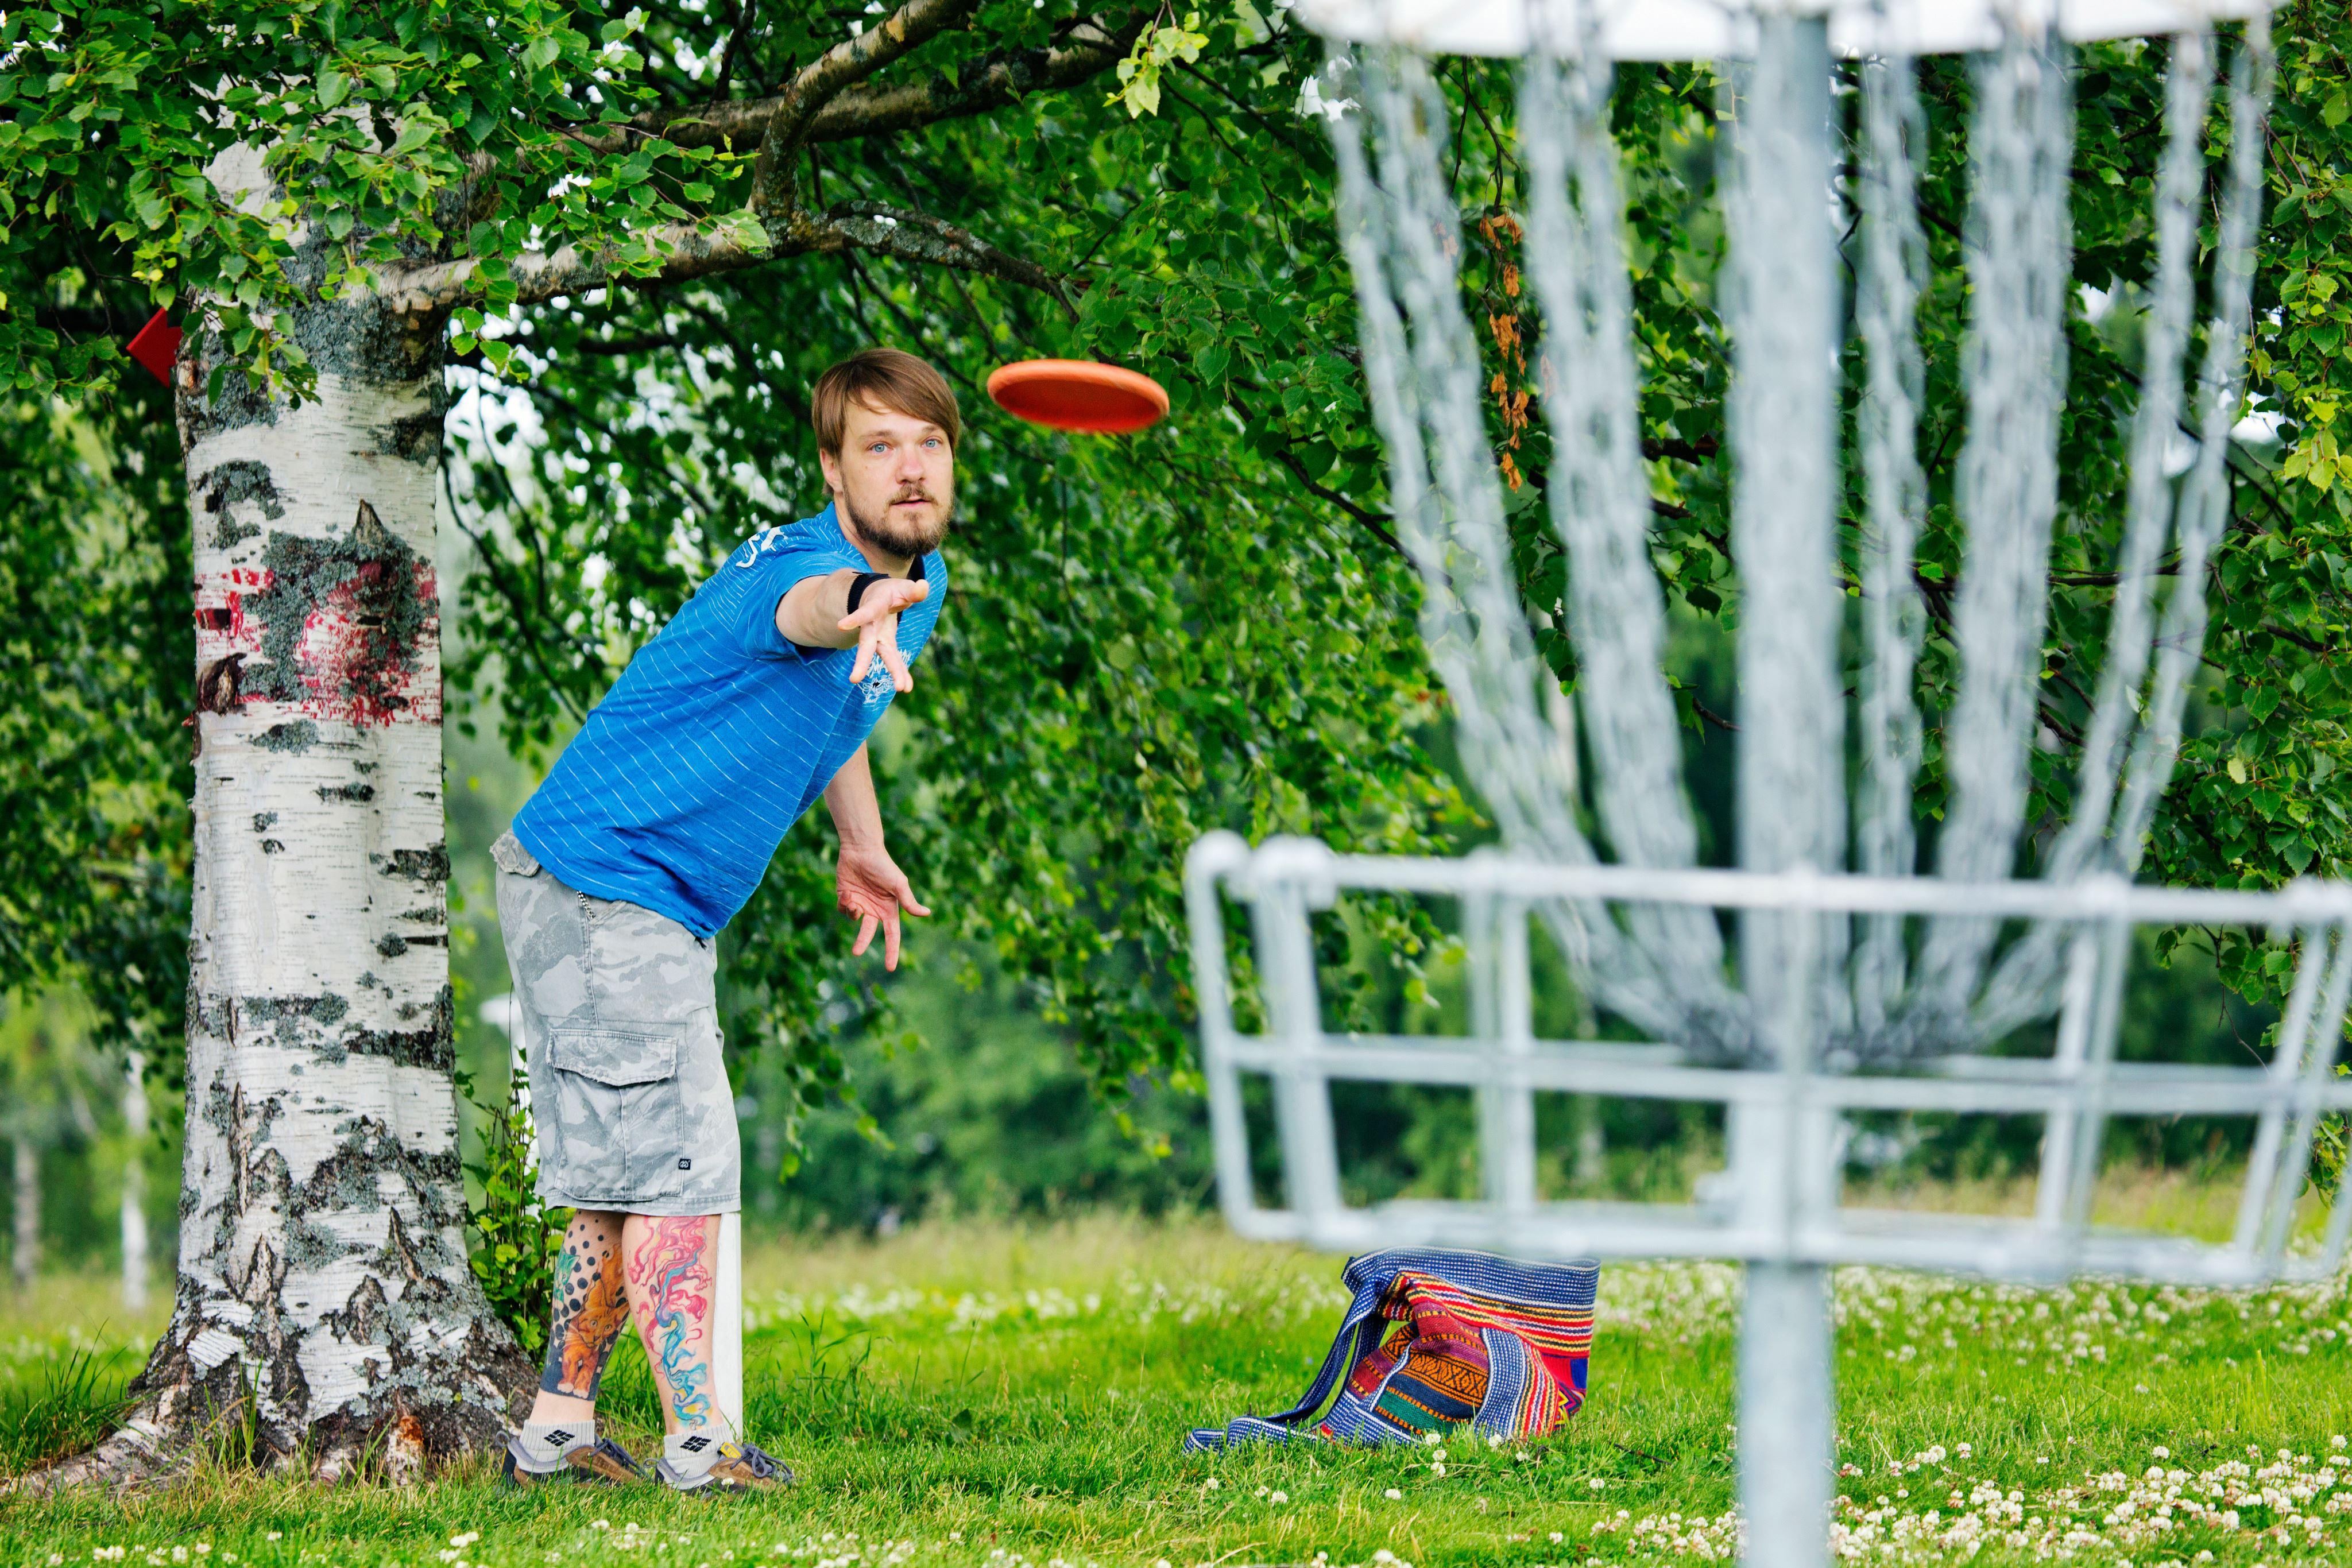 Frisbeegolfrata | Liikuntakeskus Pajulahti